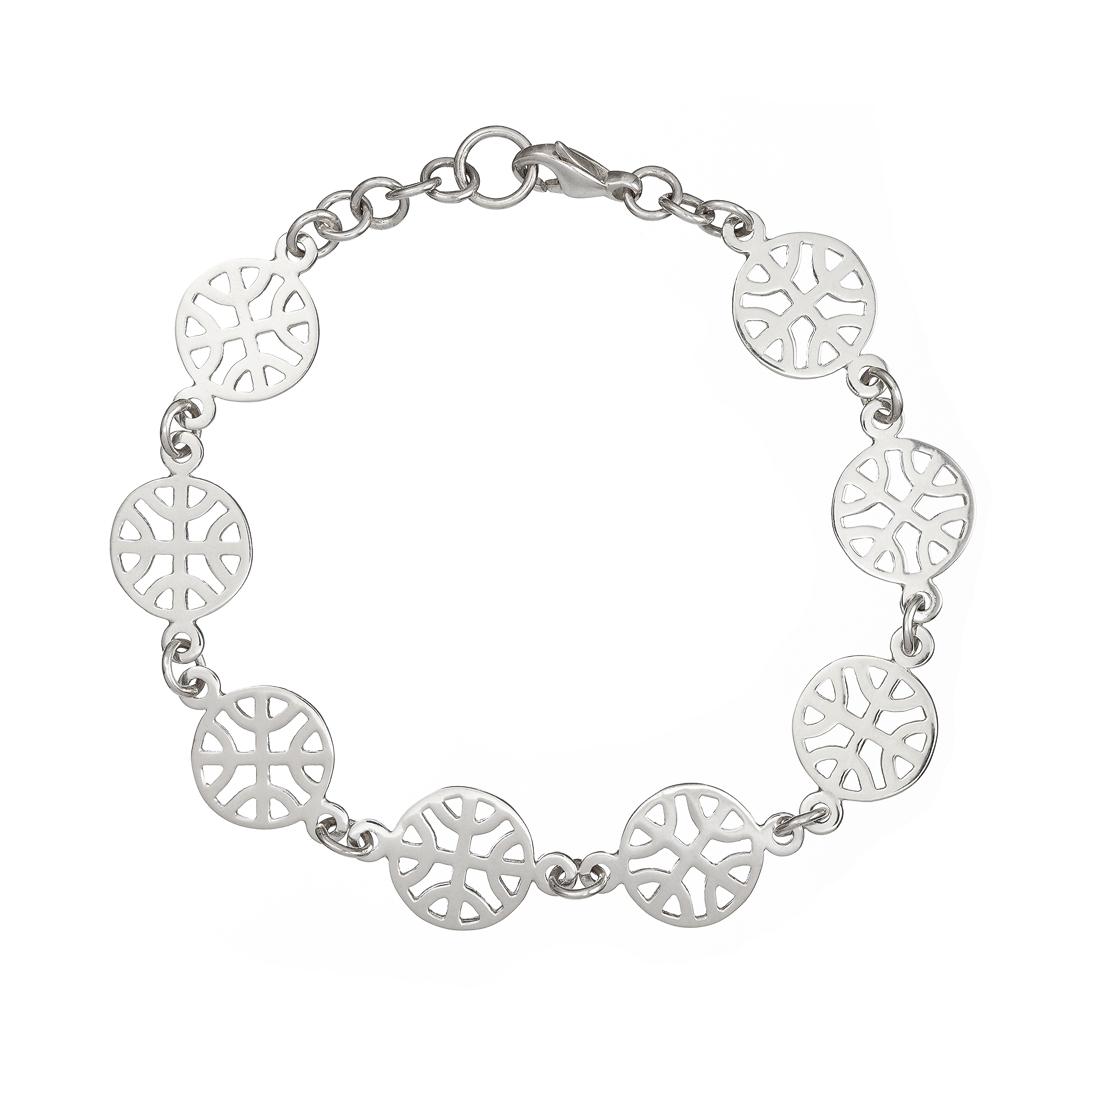 celtic knot round bracelet. Black Bedroom Furniture Sets. Home Design Ideas